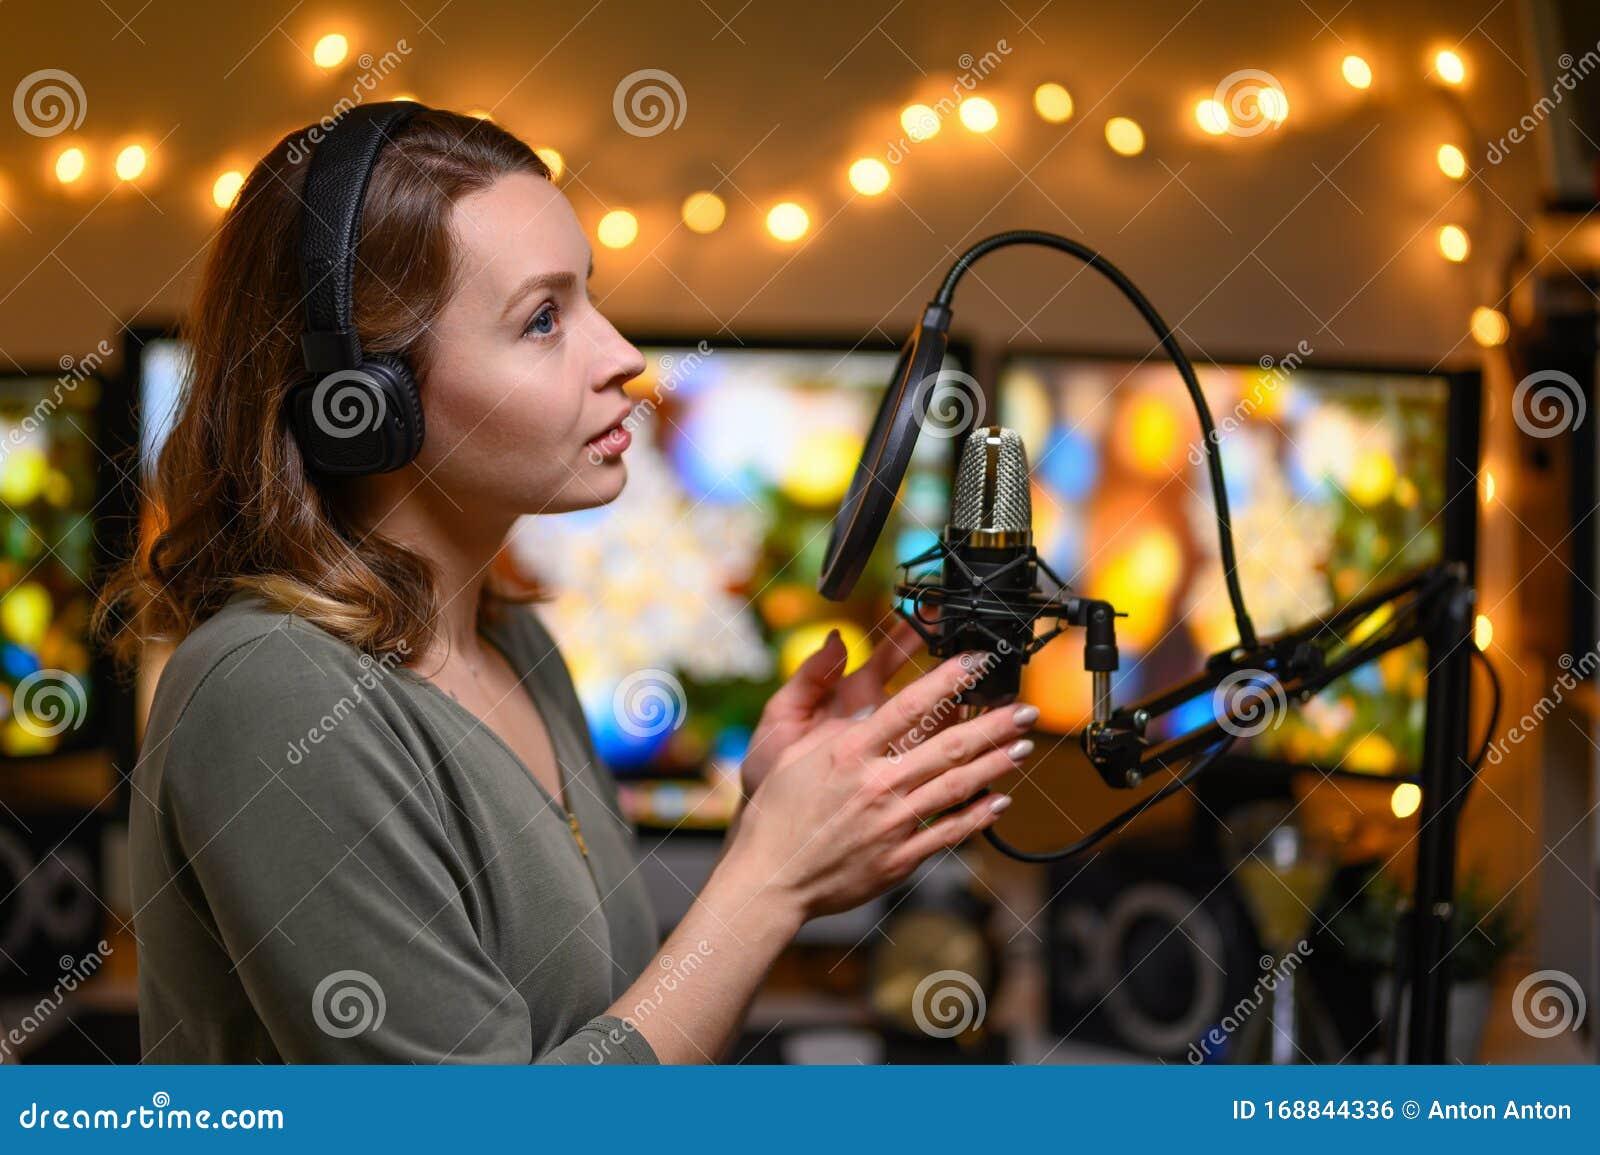 Работа для девушке на радио работа девушке моделью минеральные воды